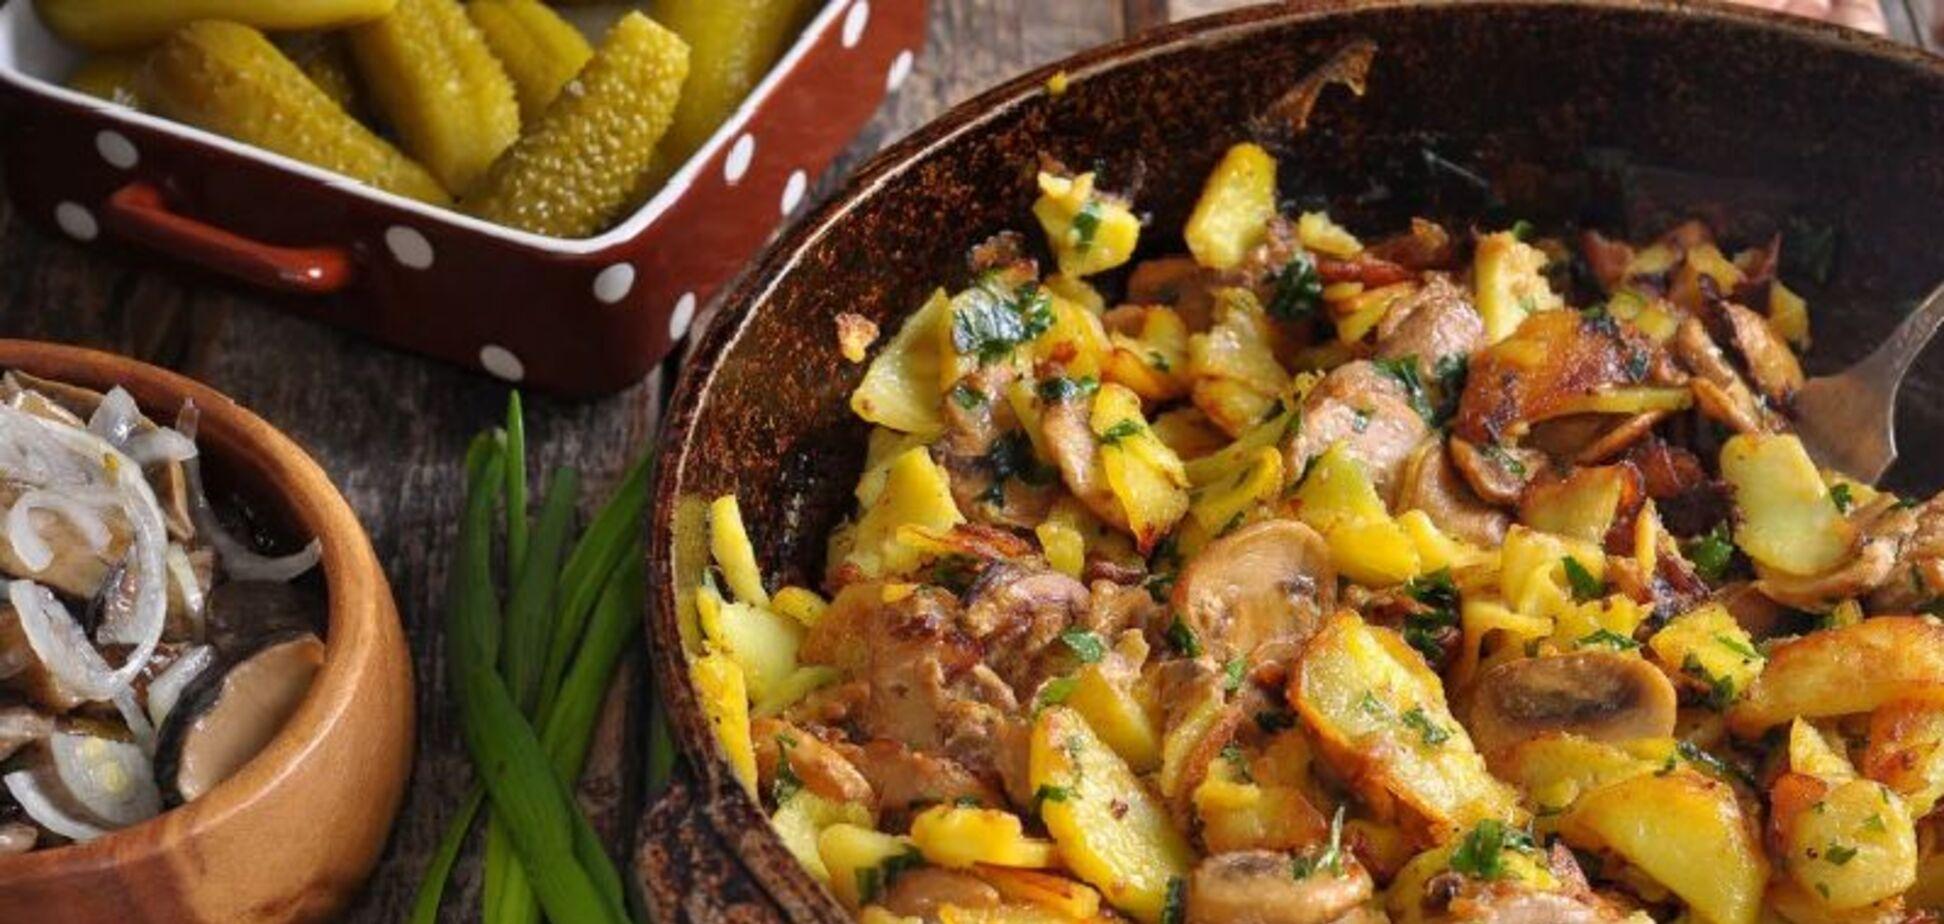 Рецепт найсмачнішої смаженої картоплі, який стане улюбленим